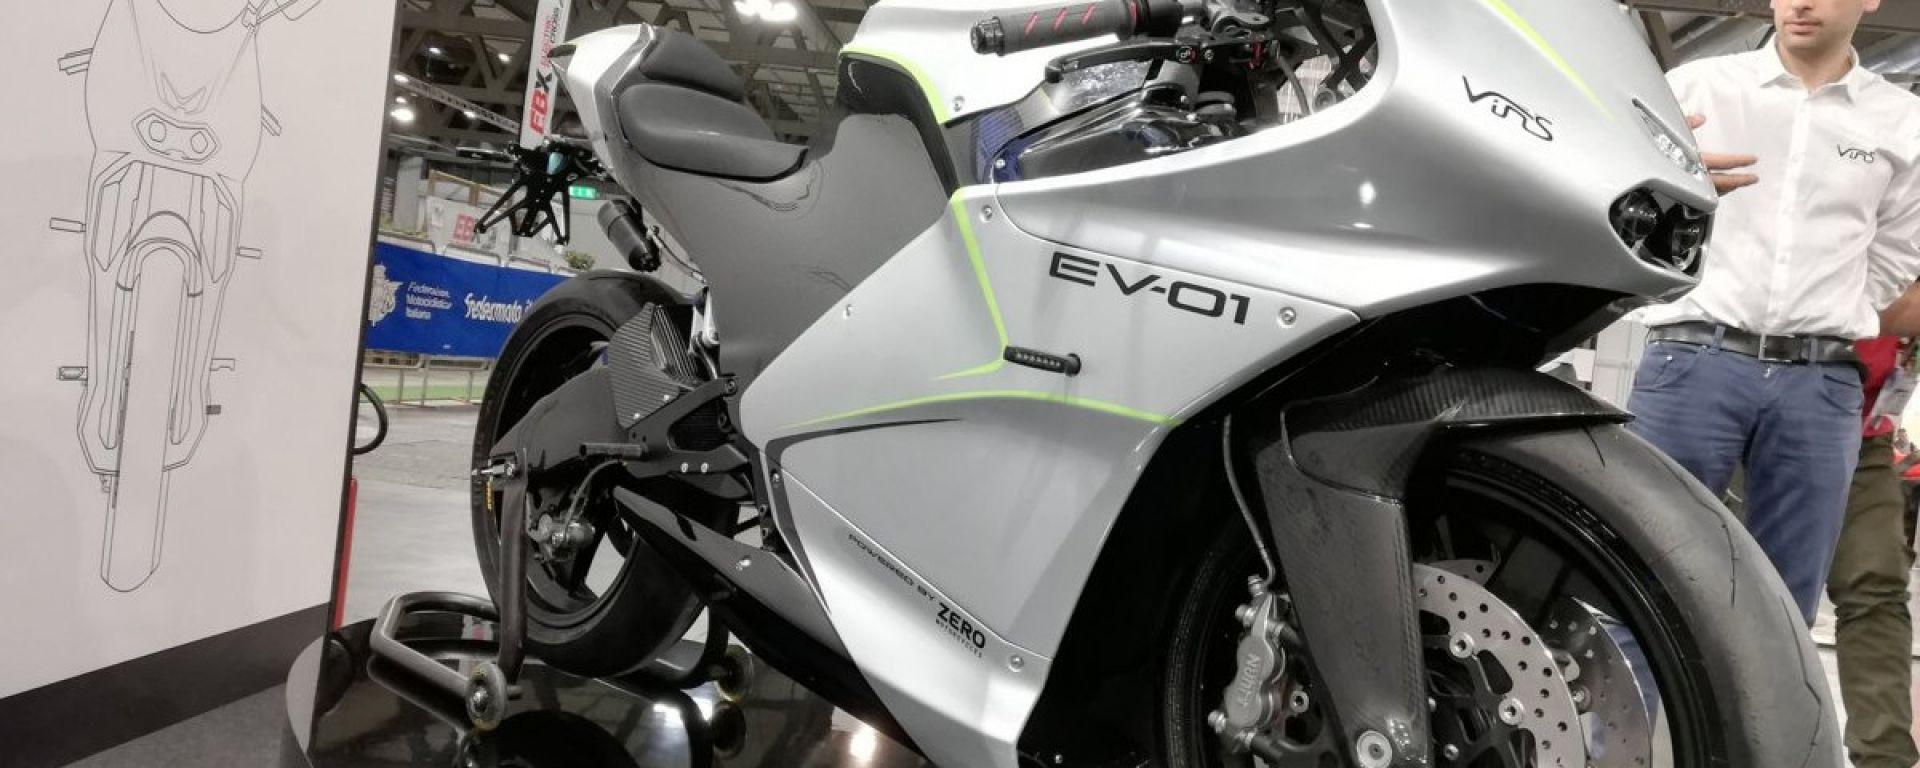 Vins EV-01 a EICMA 2019